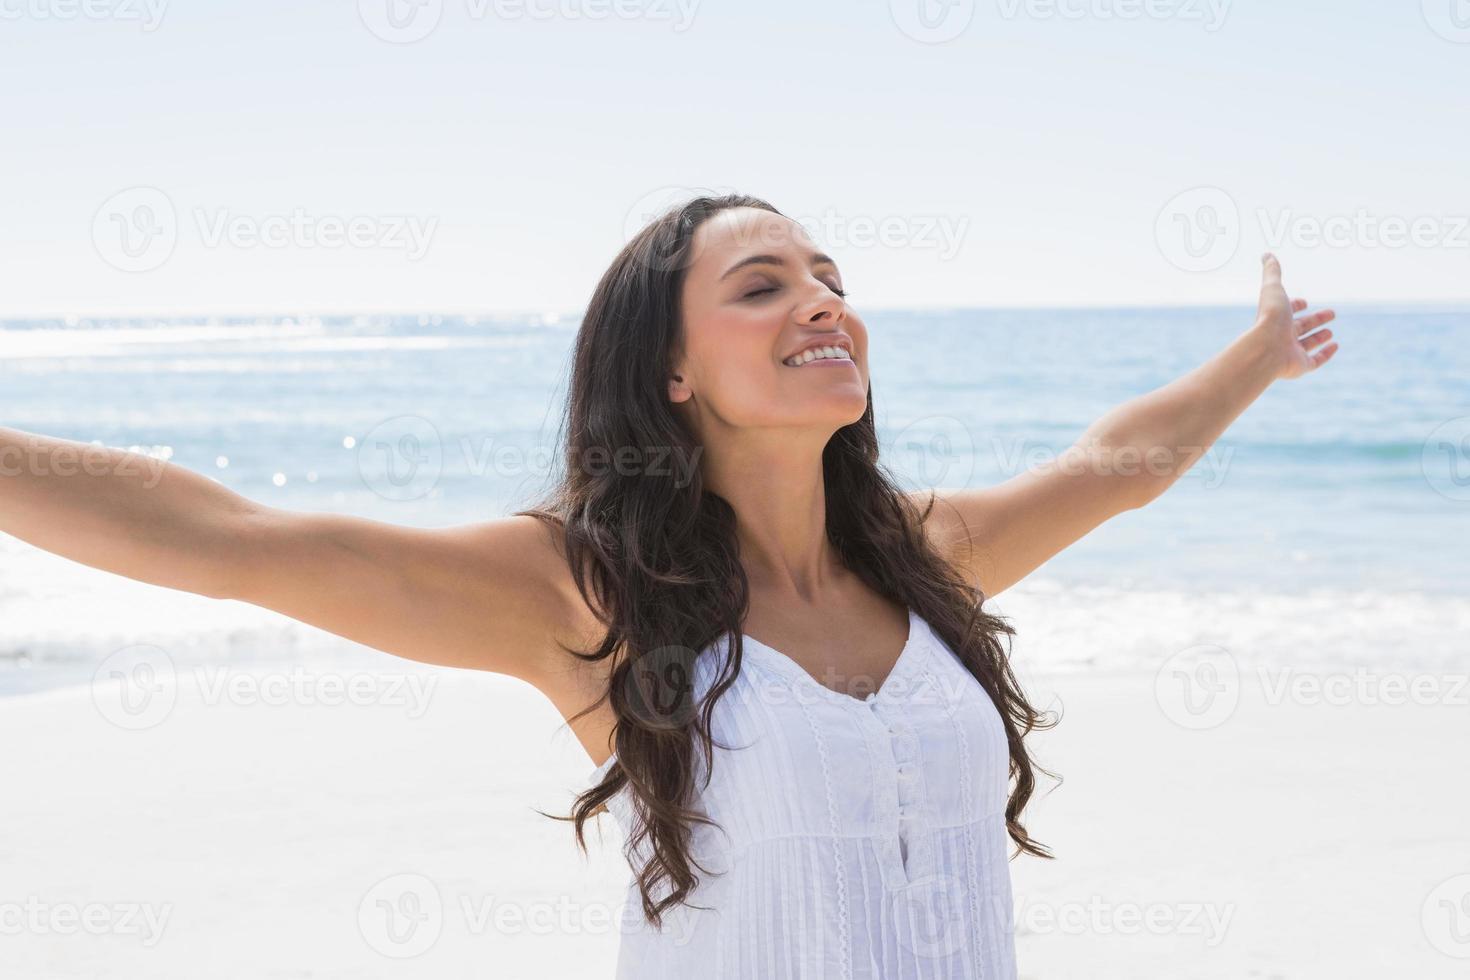 morena linda num vestido de sol branco, aproveitando o sol foto